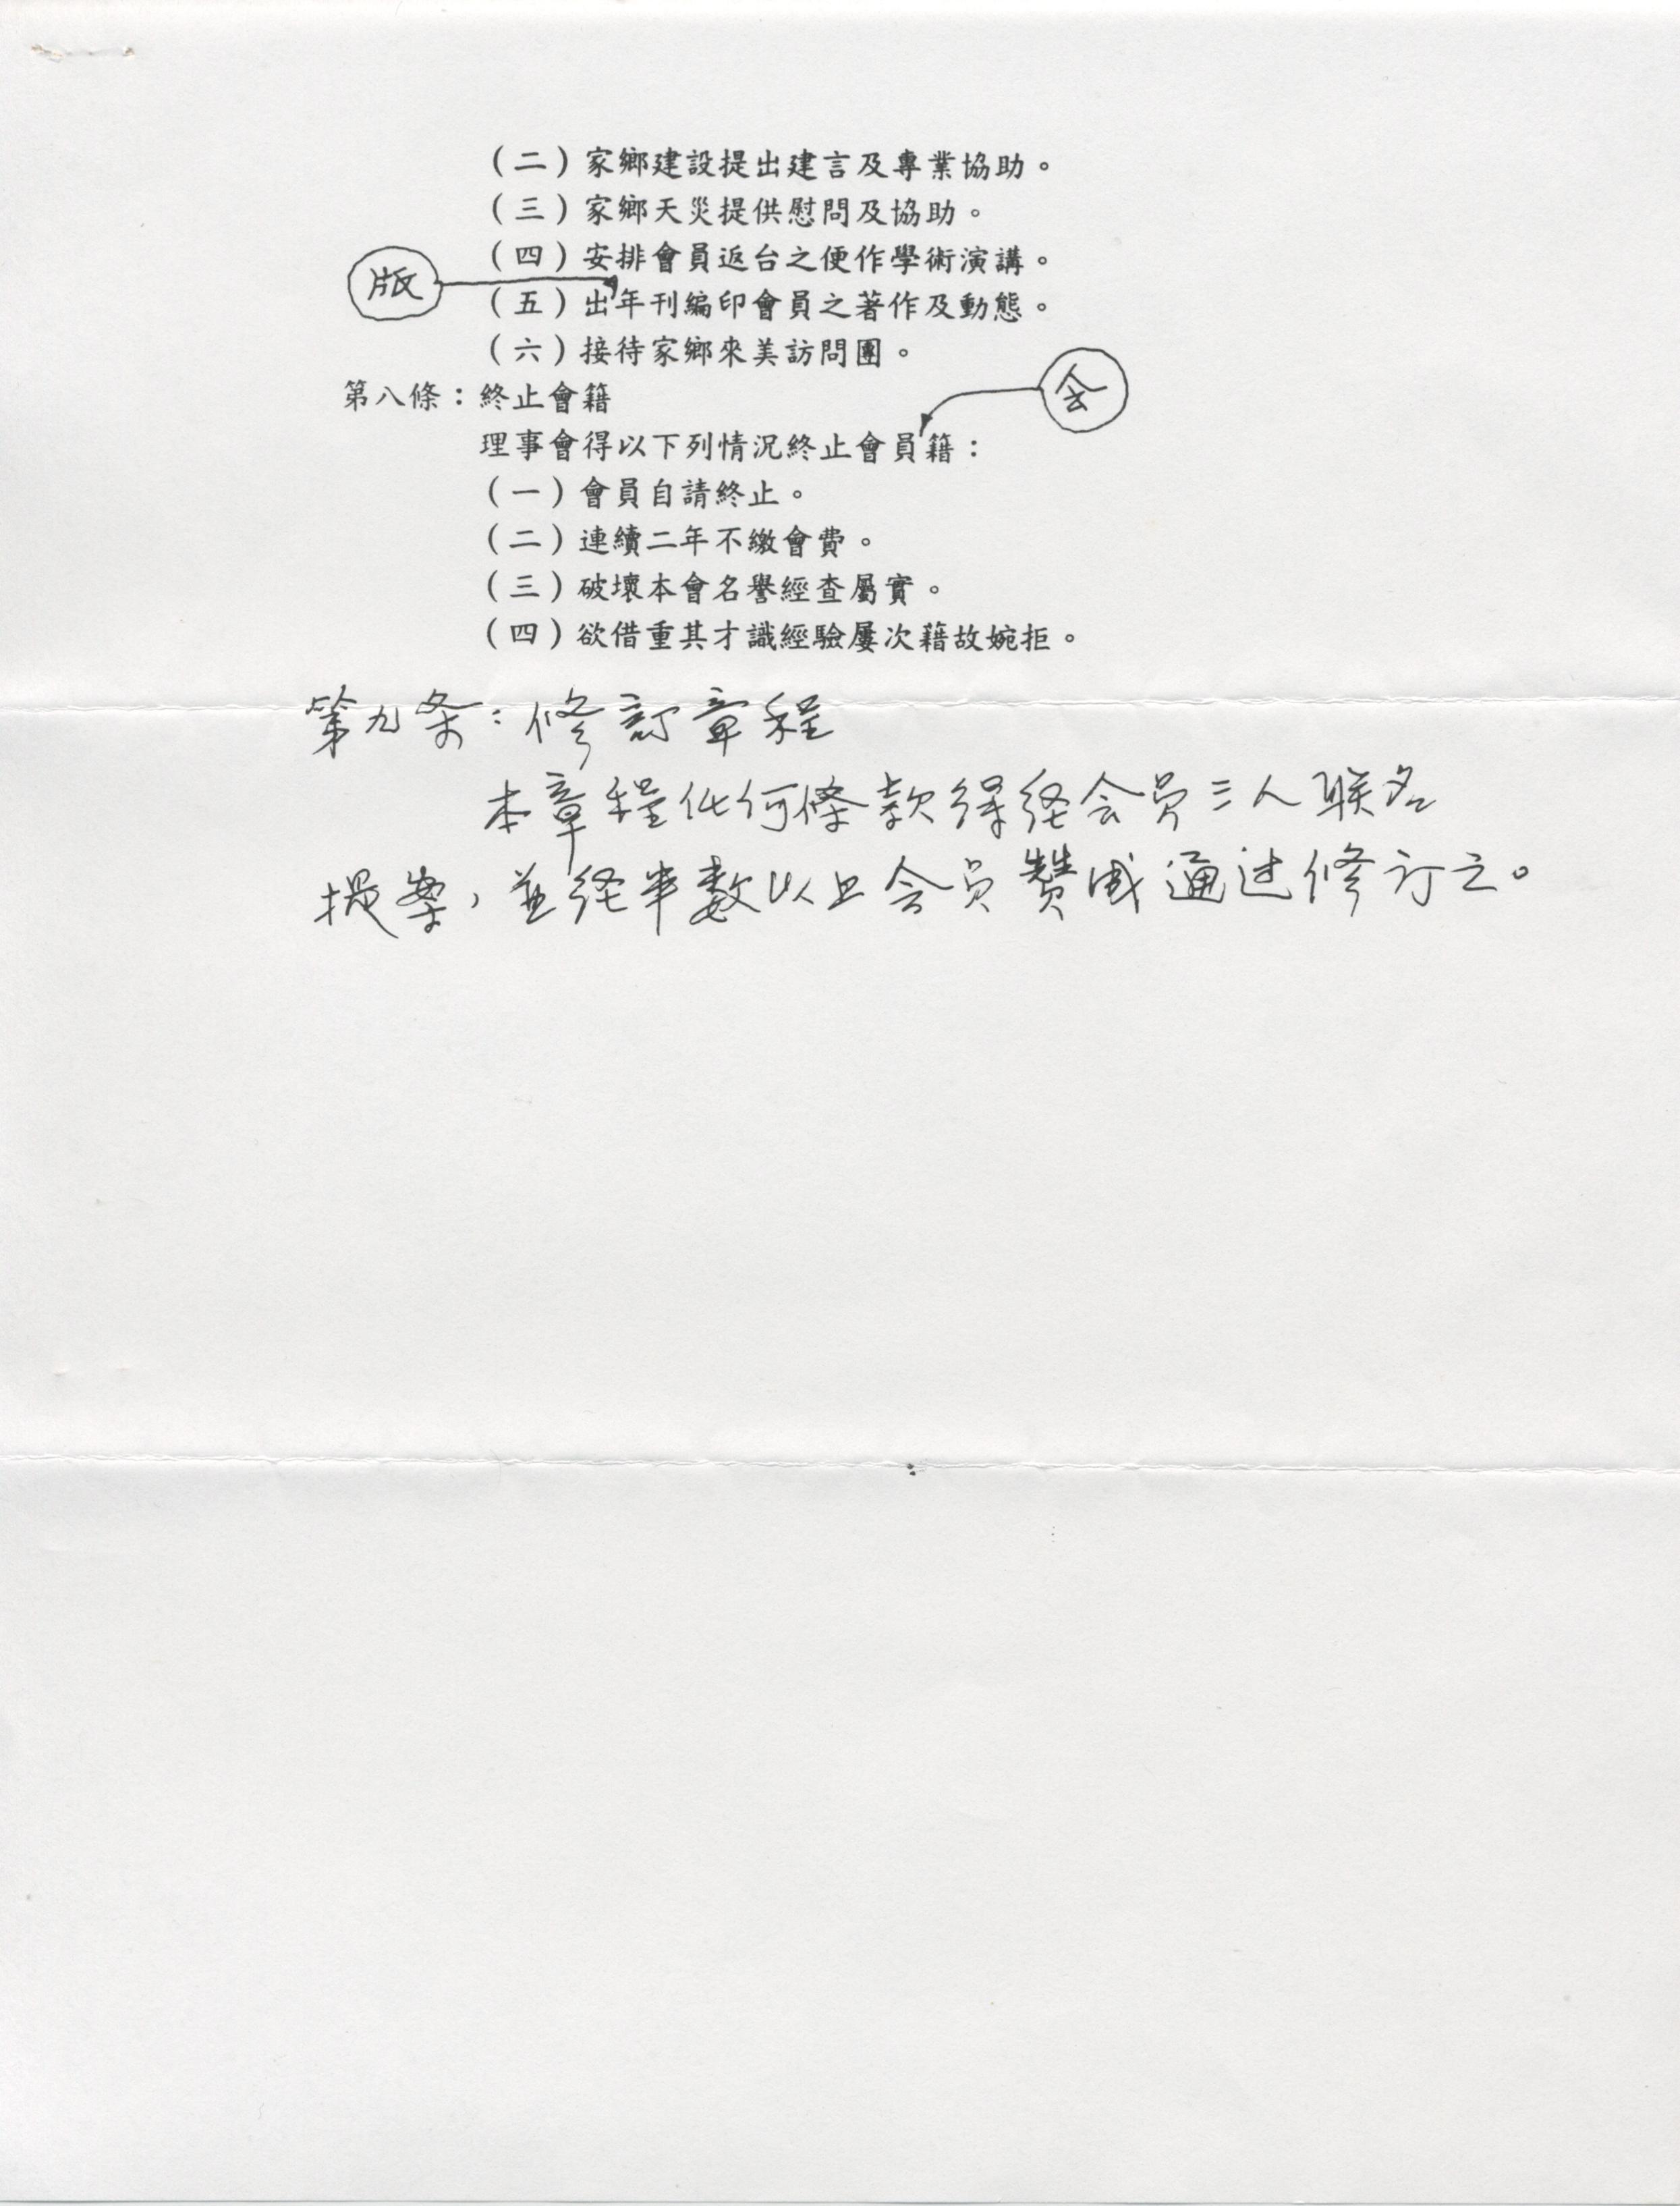 苗栗旅美學人協會 - 0003